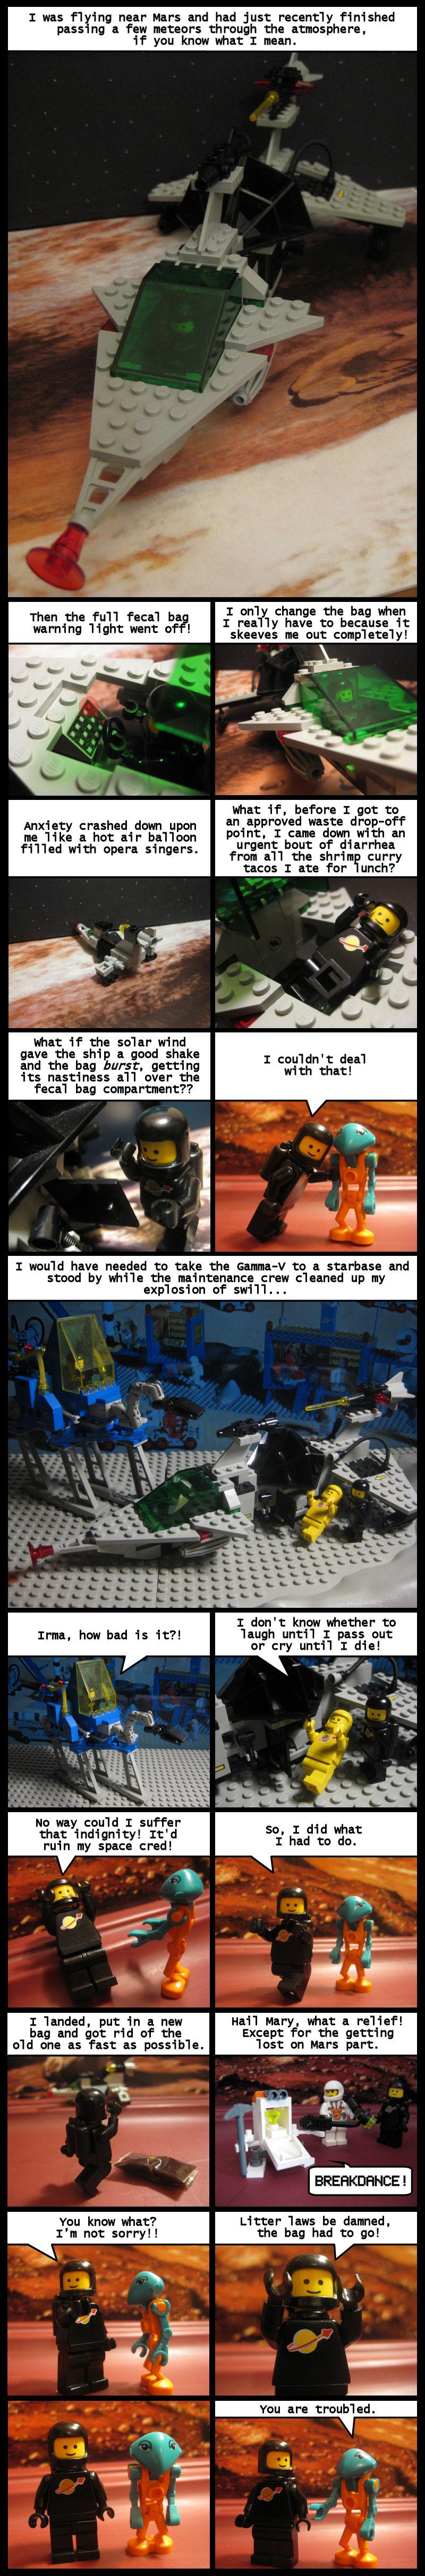 Stuck On Mars Part 3